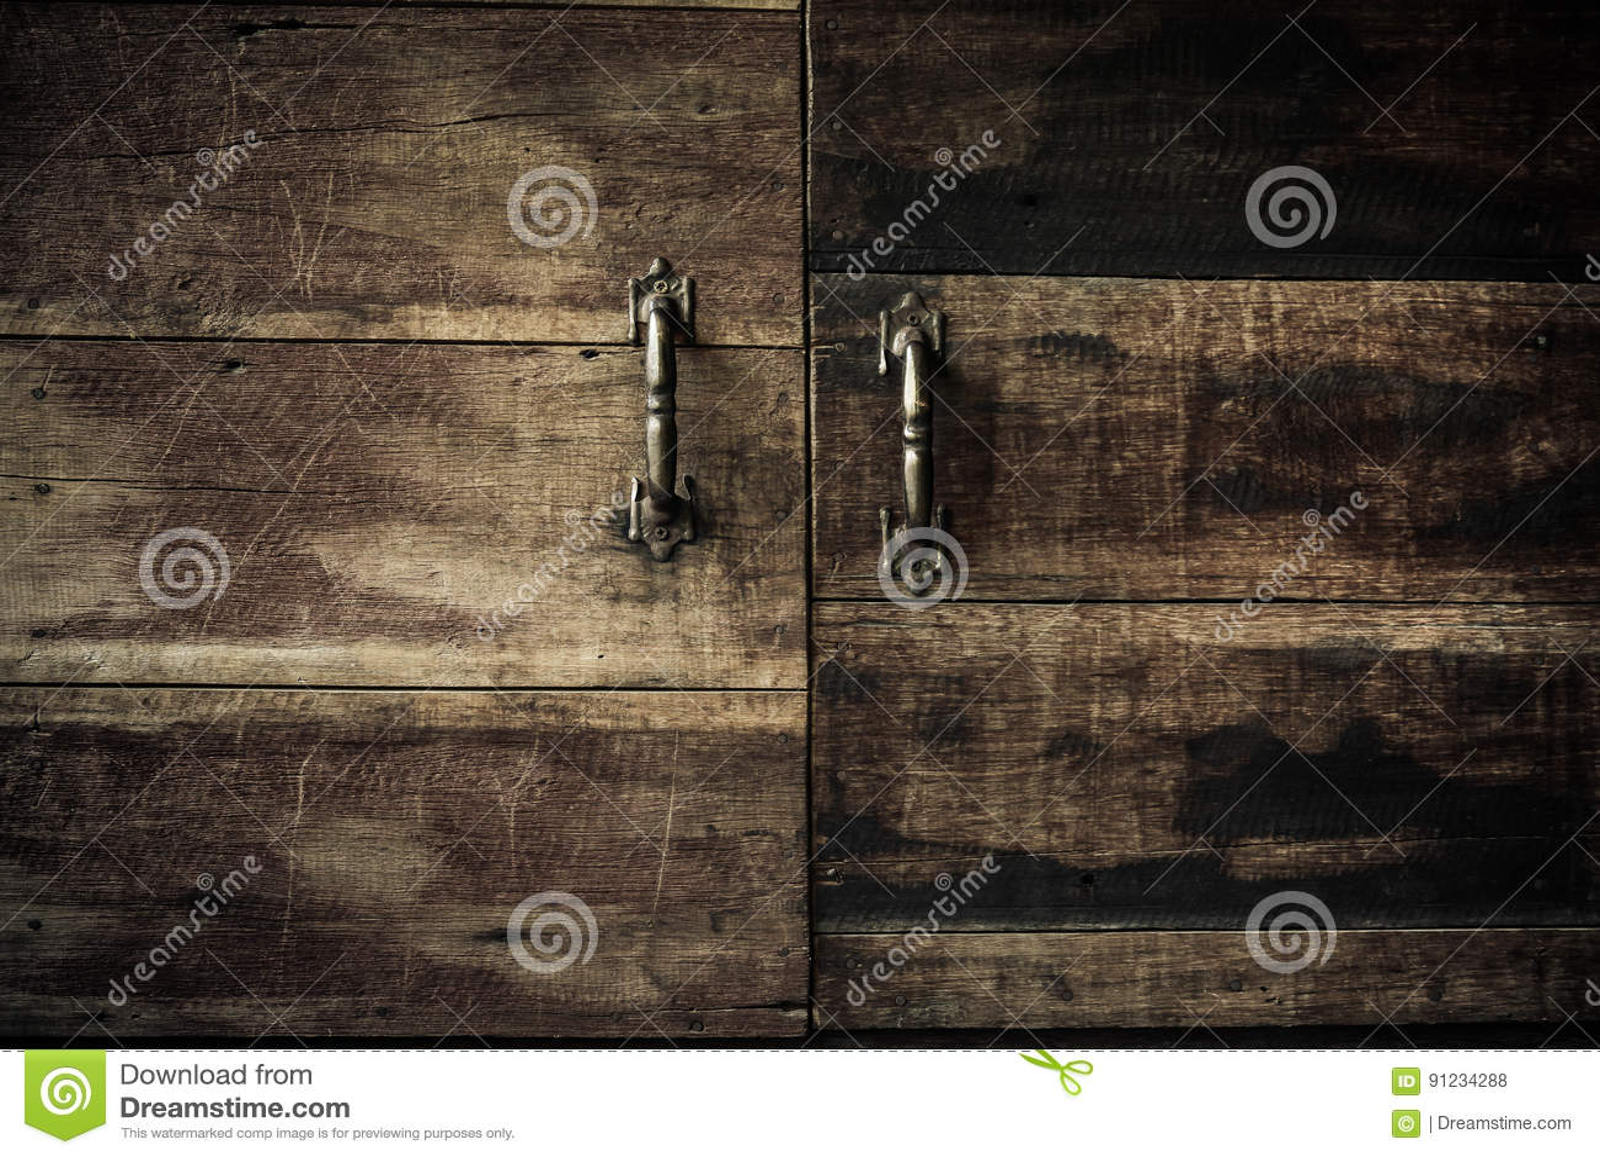 nahaufnahme-küchenschranktüren, weinleseton stockfoto - bild von